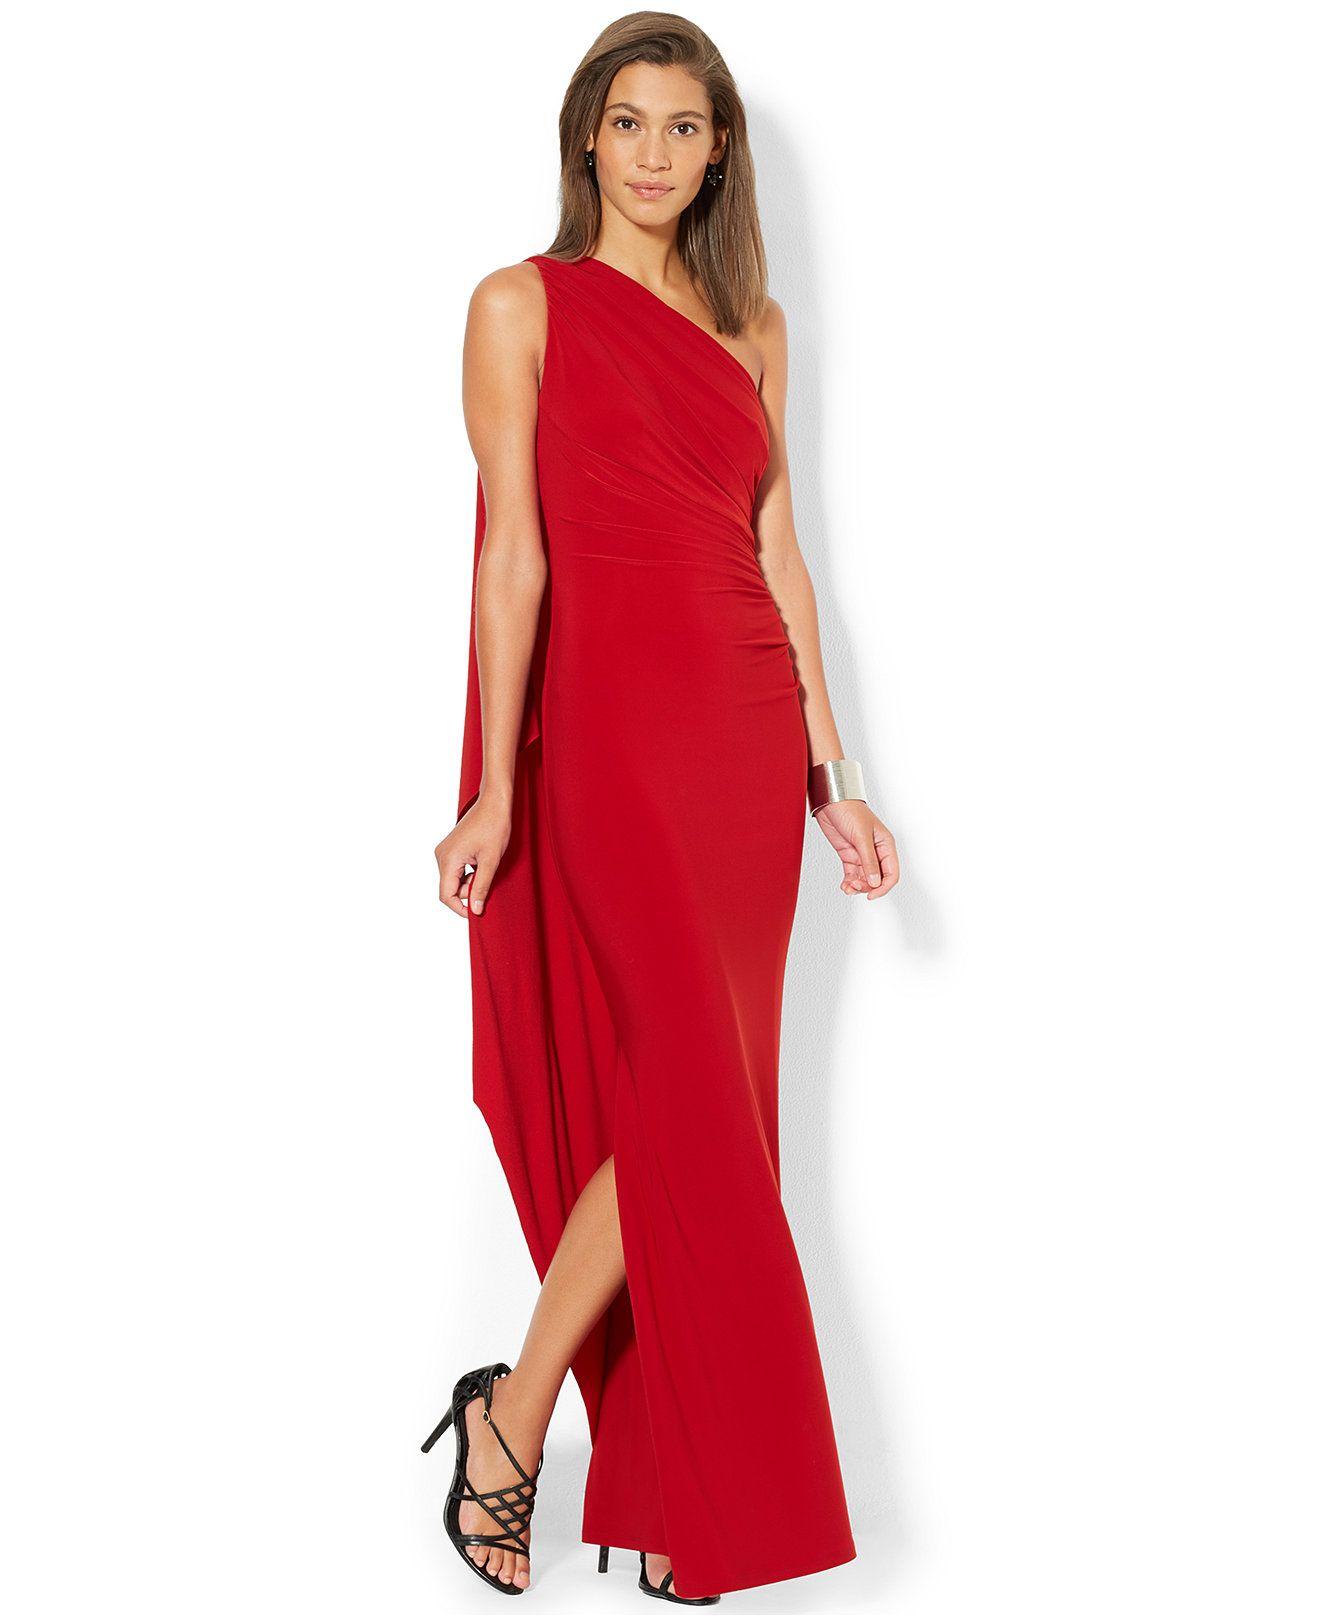 cb8c5276add Lauren Ralph Lauren One-Shoulder Draped Gown - Dresses - Women - Macy's